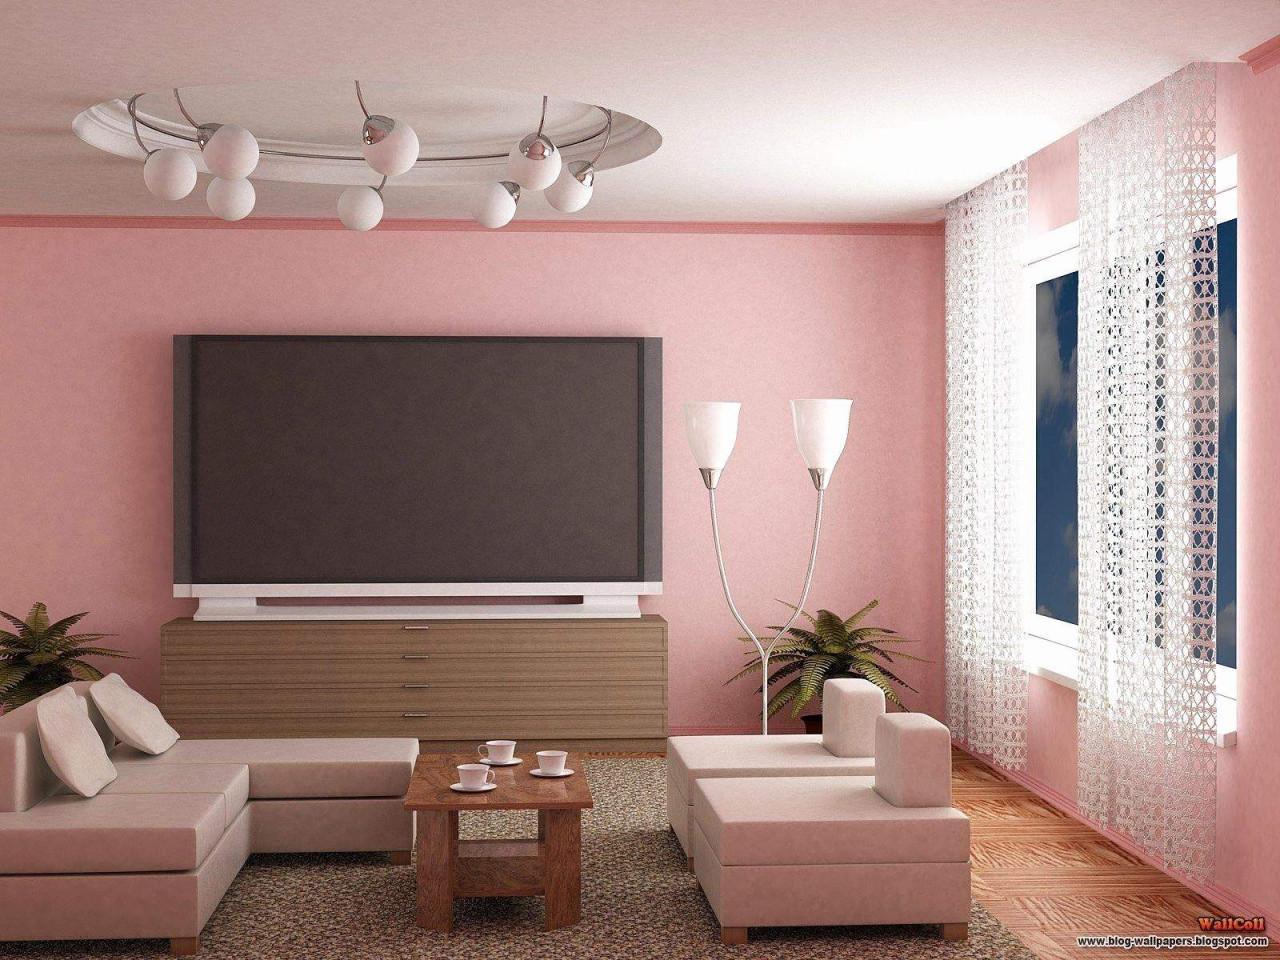 29 Genial Wohnzimmer Ideen Wandgestaltung Stein Das Beste von Wandgestaltung Wohnzimmer Ideen Photo